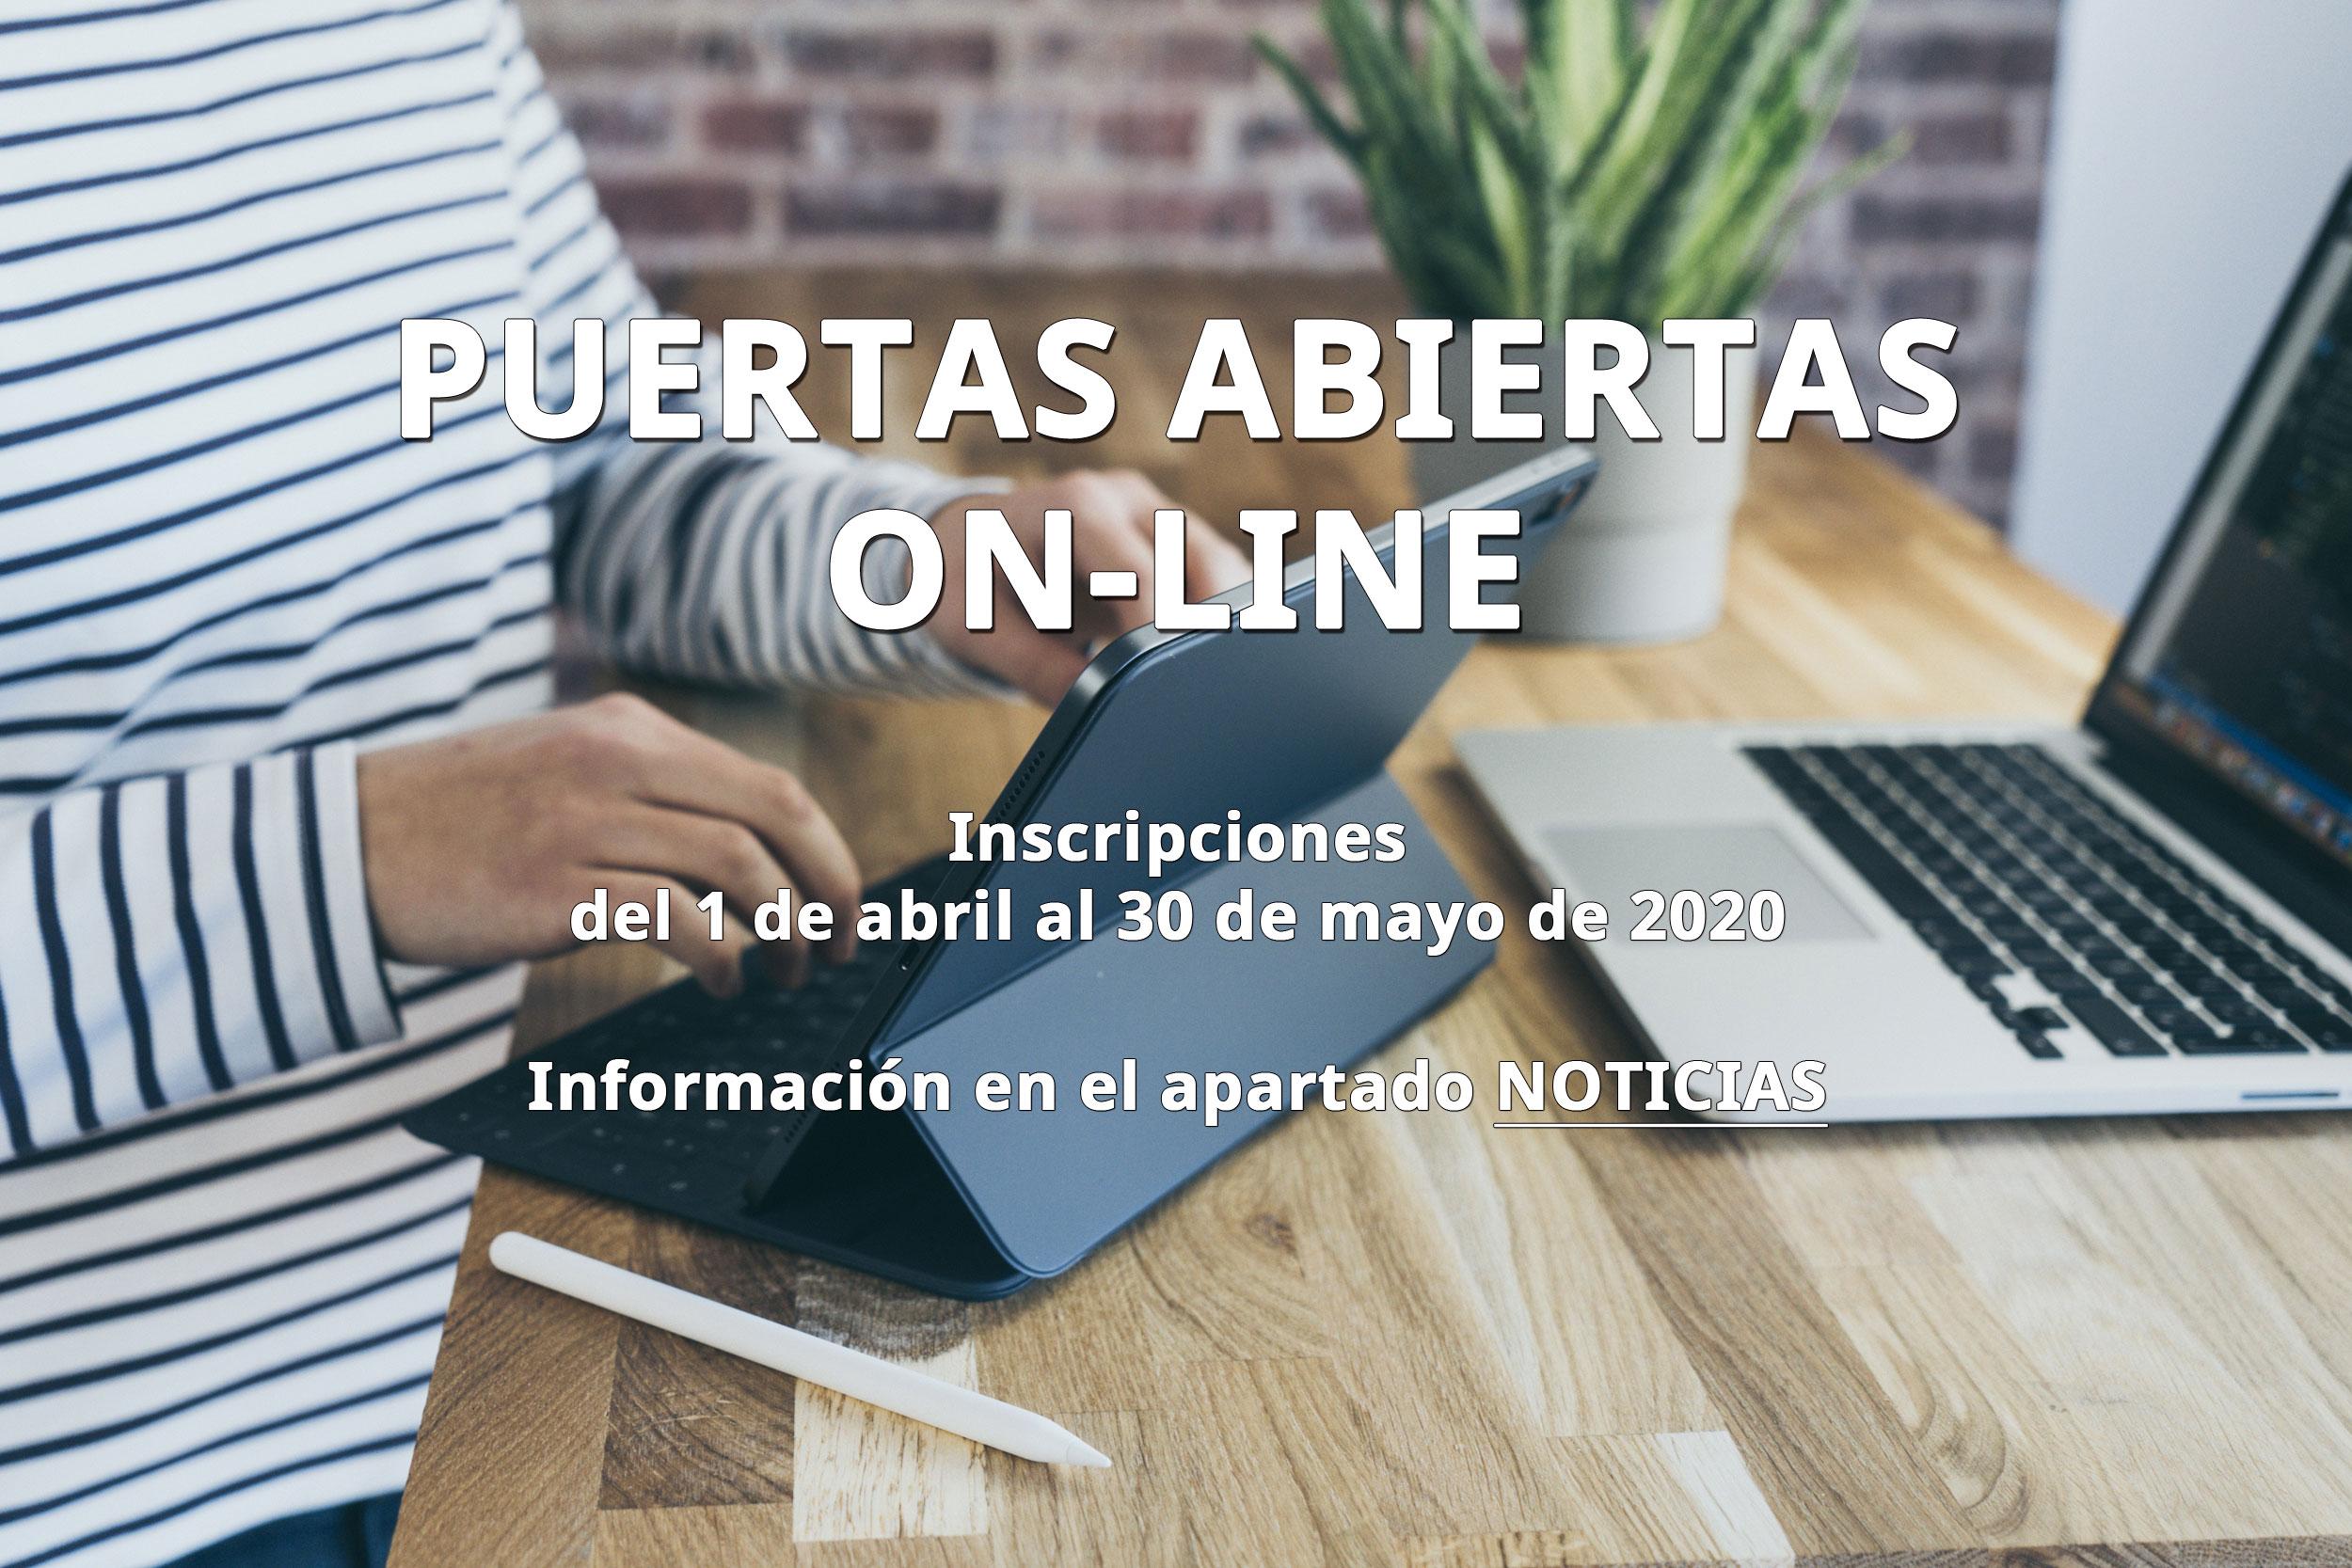 Puertas_Abiertas_Online_Esp